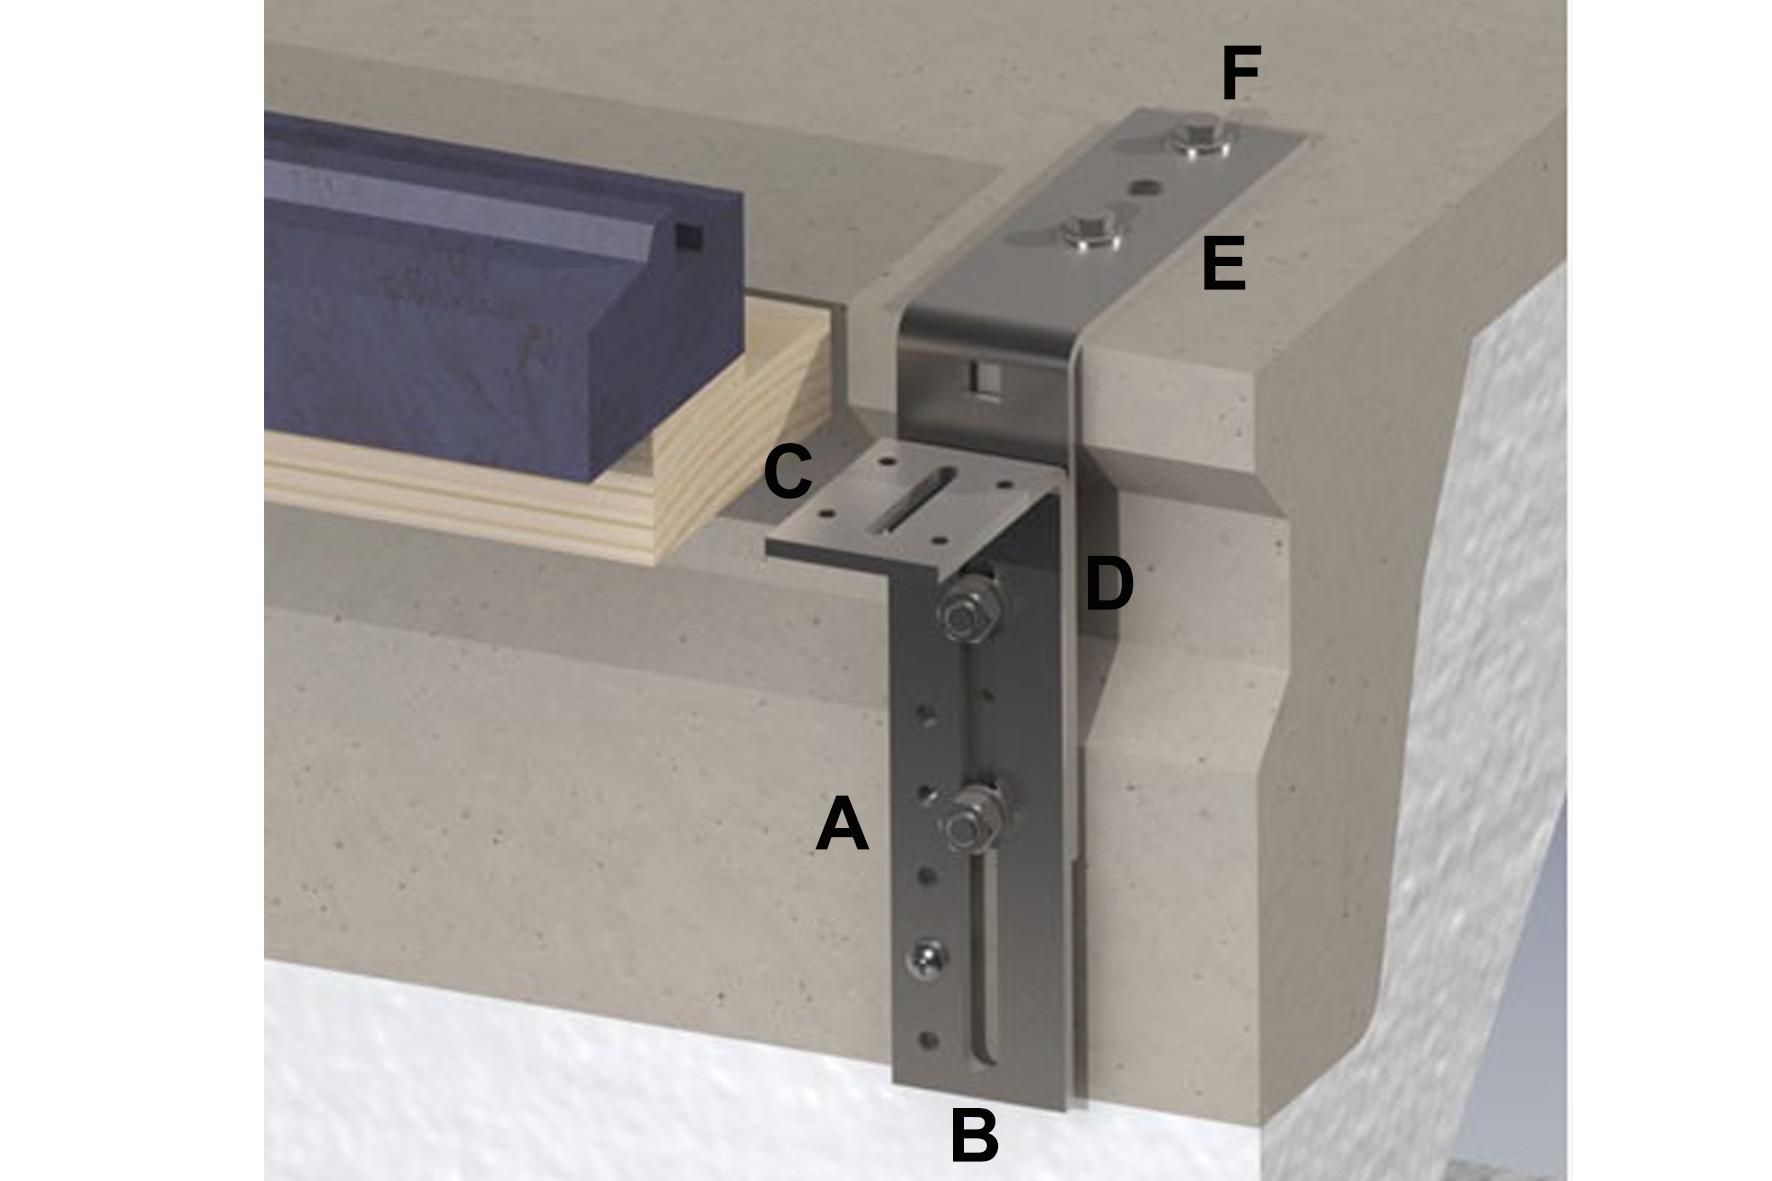 equerre reglable pour seuil achat en ligne ou dans notre magasin. Black Bedroom Furniture Sets. Home Design Ideas